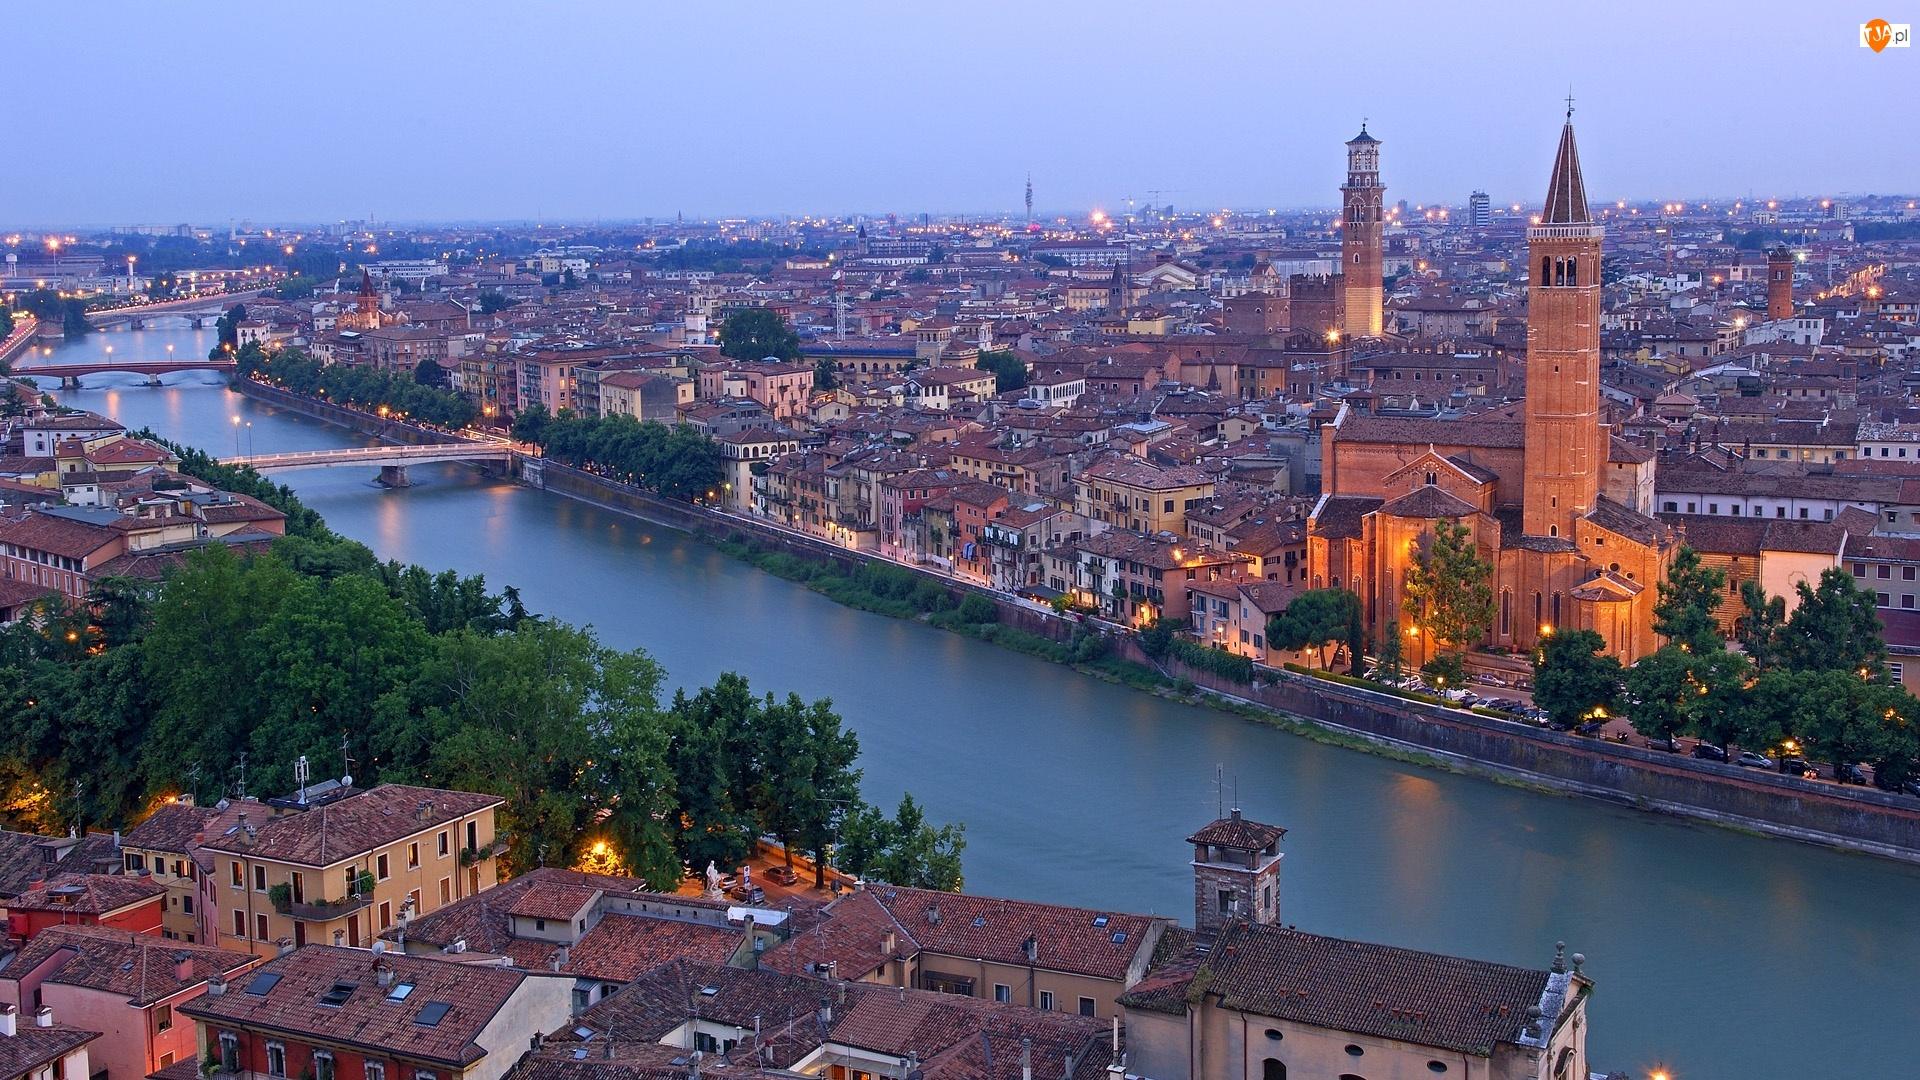 Włochy, Miasto, Verona